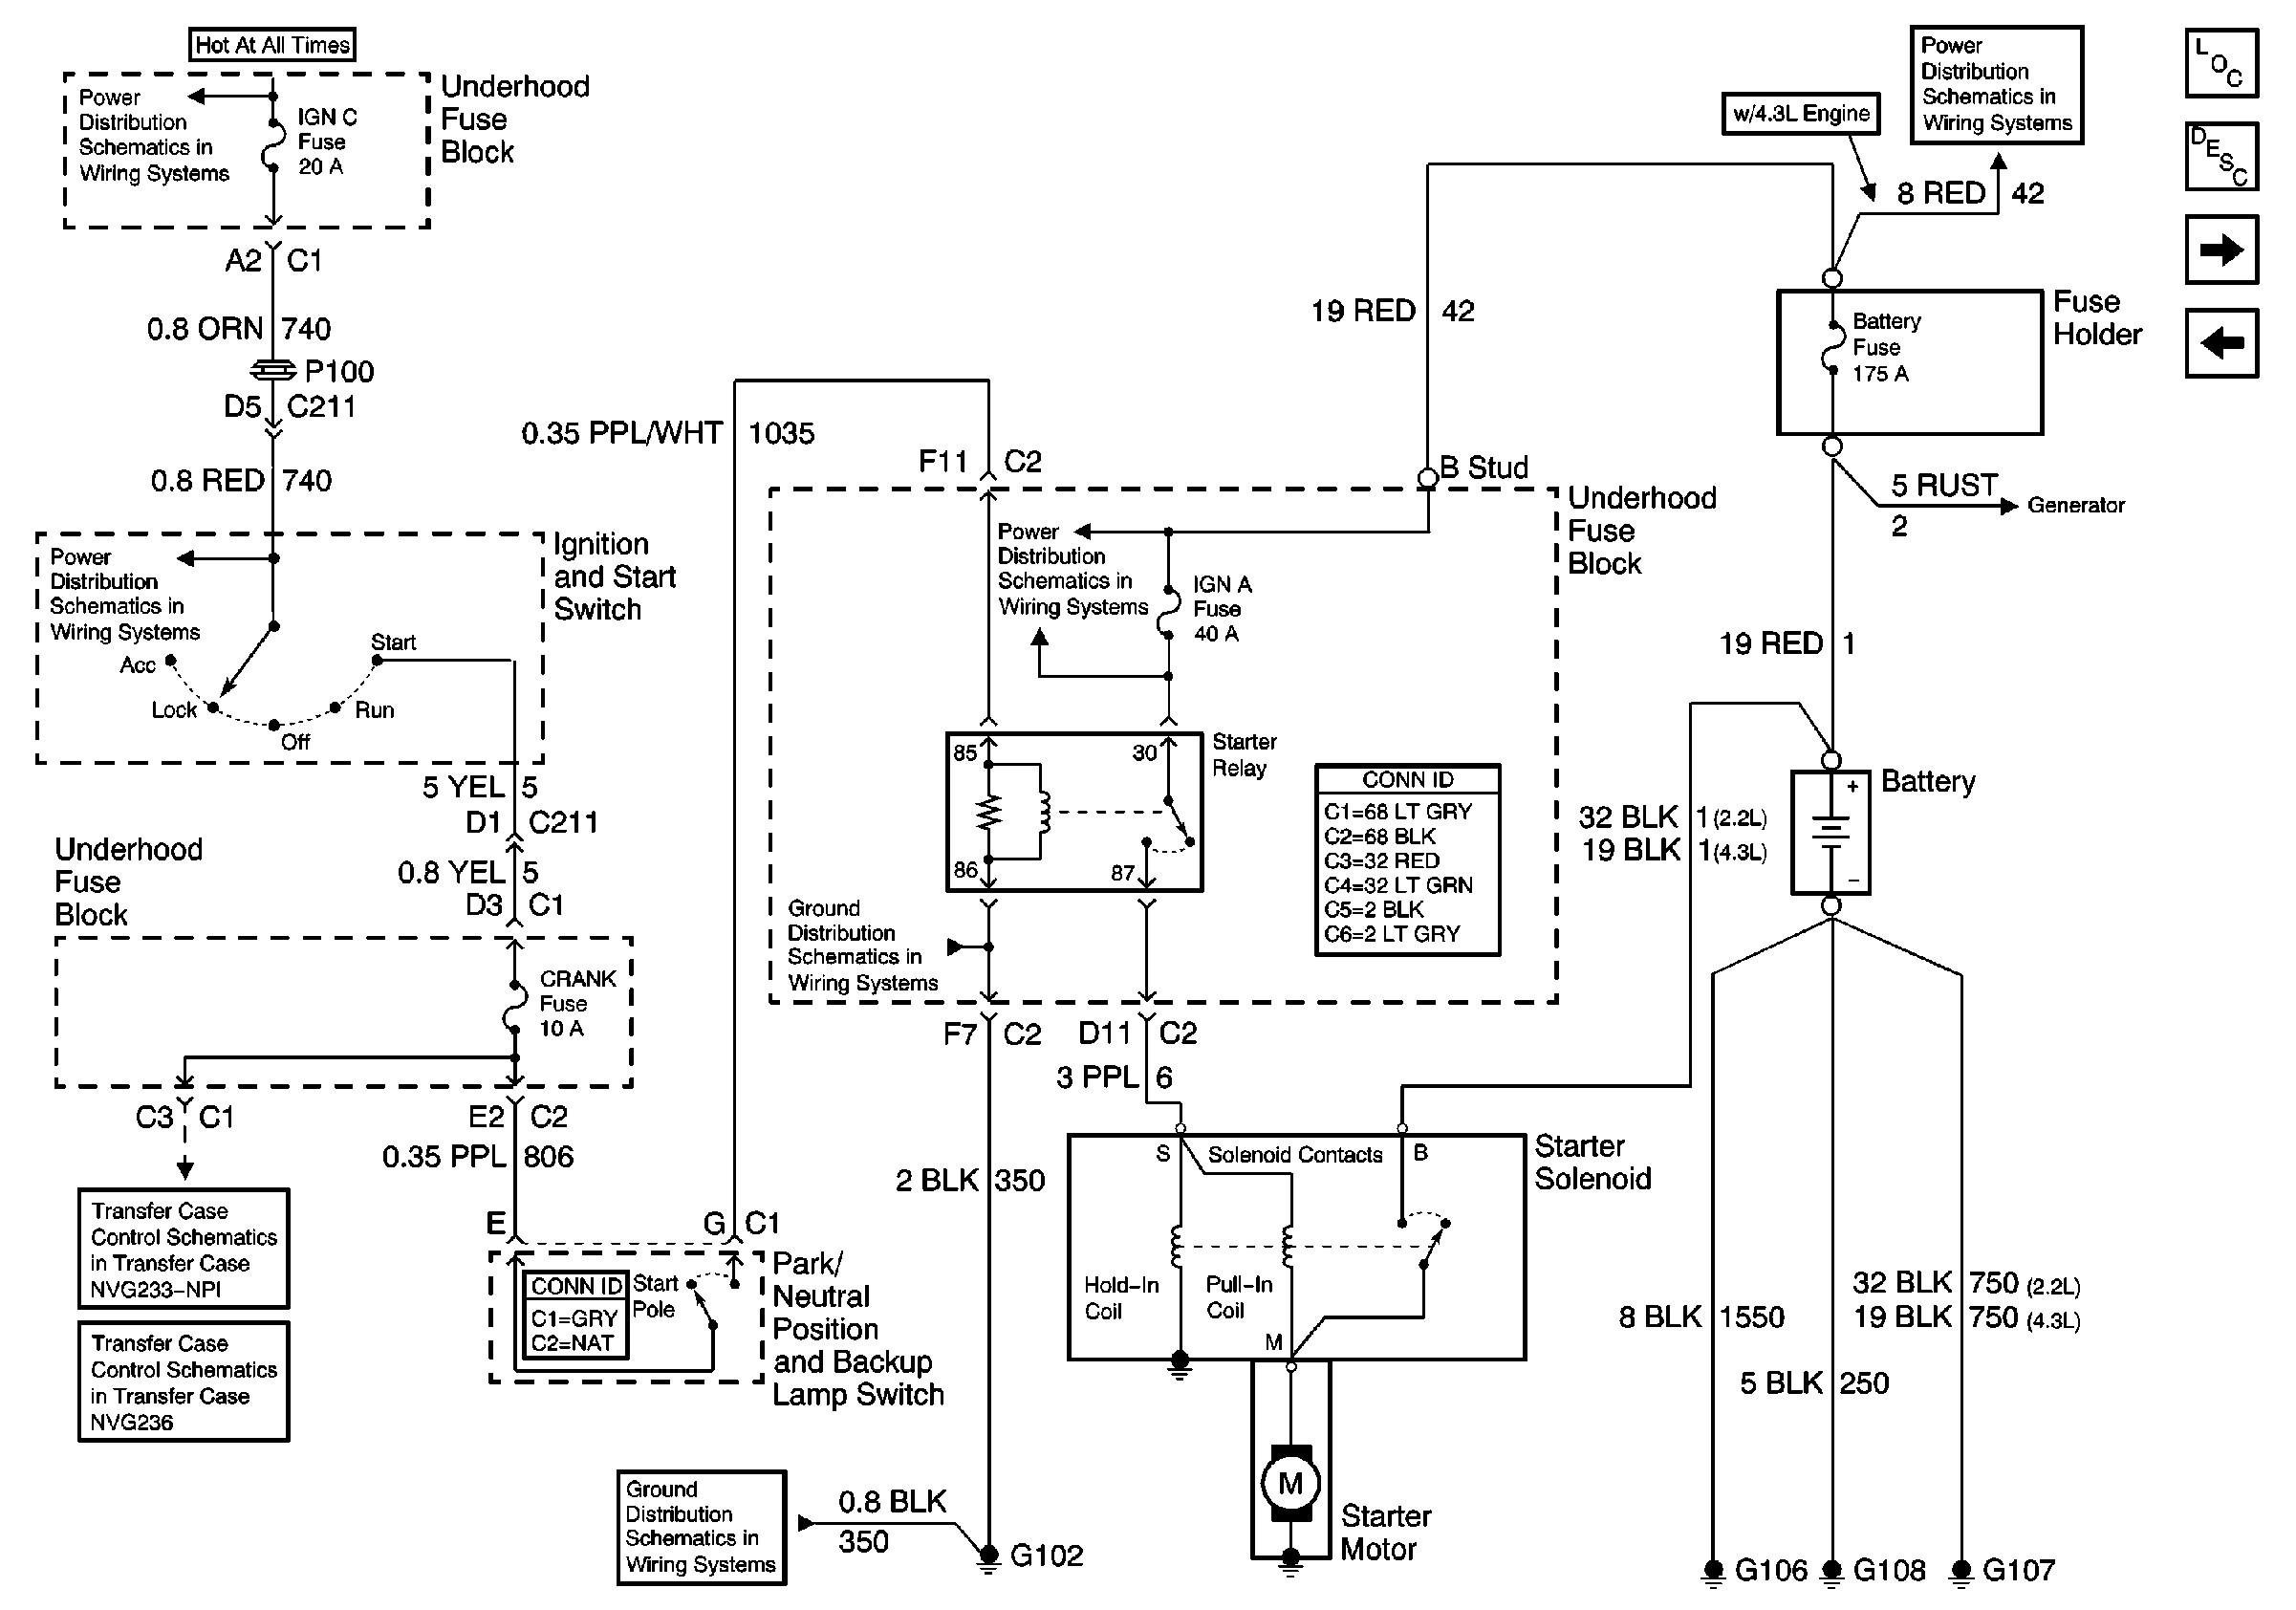 Starter solenoid Wiring Diagram Chevy Inspirational Wiring A Switch to Starter solenoid Dodge 2004 Chevy Trailblazer